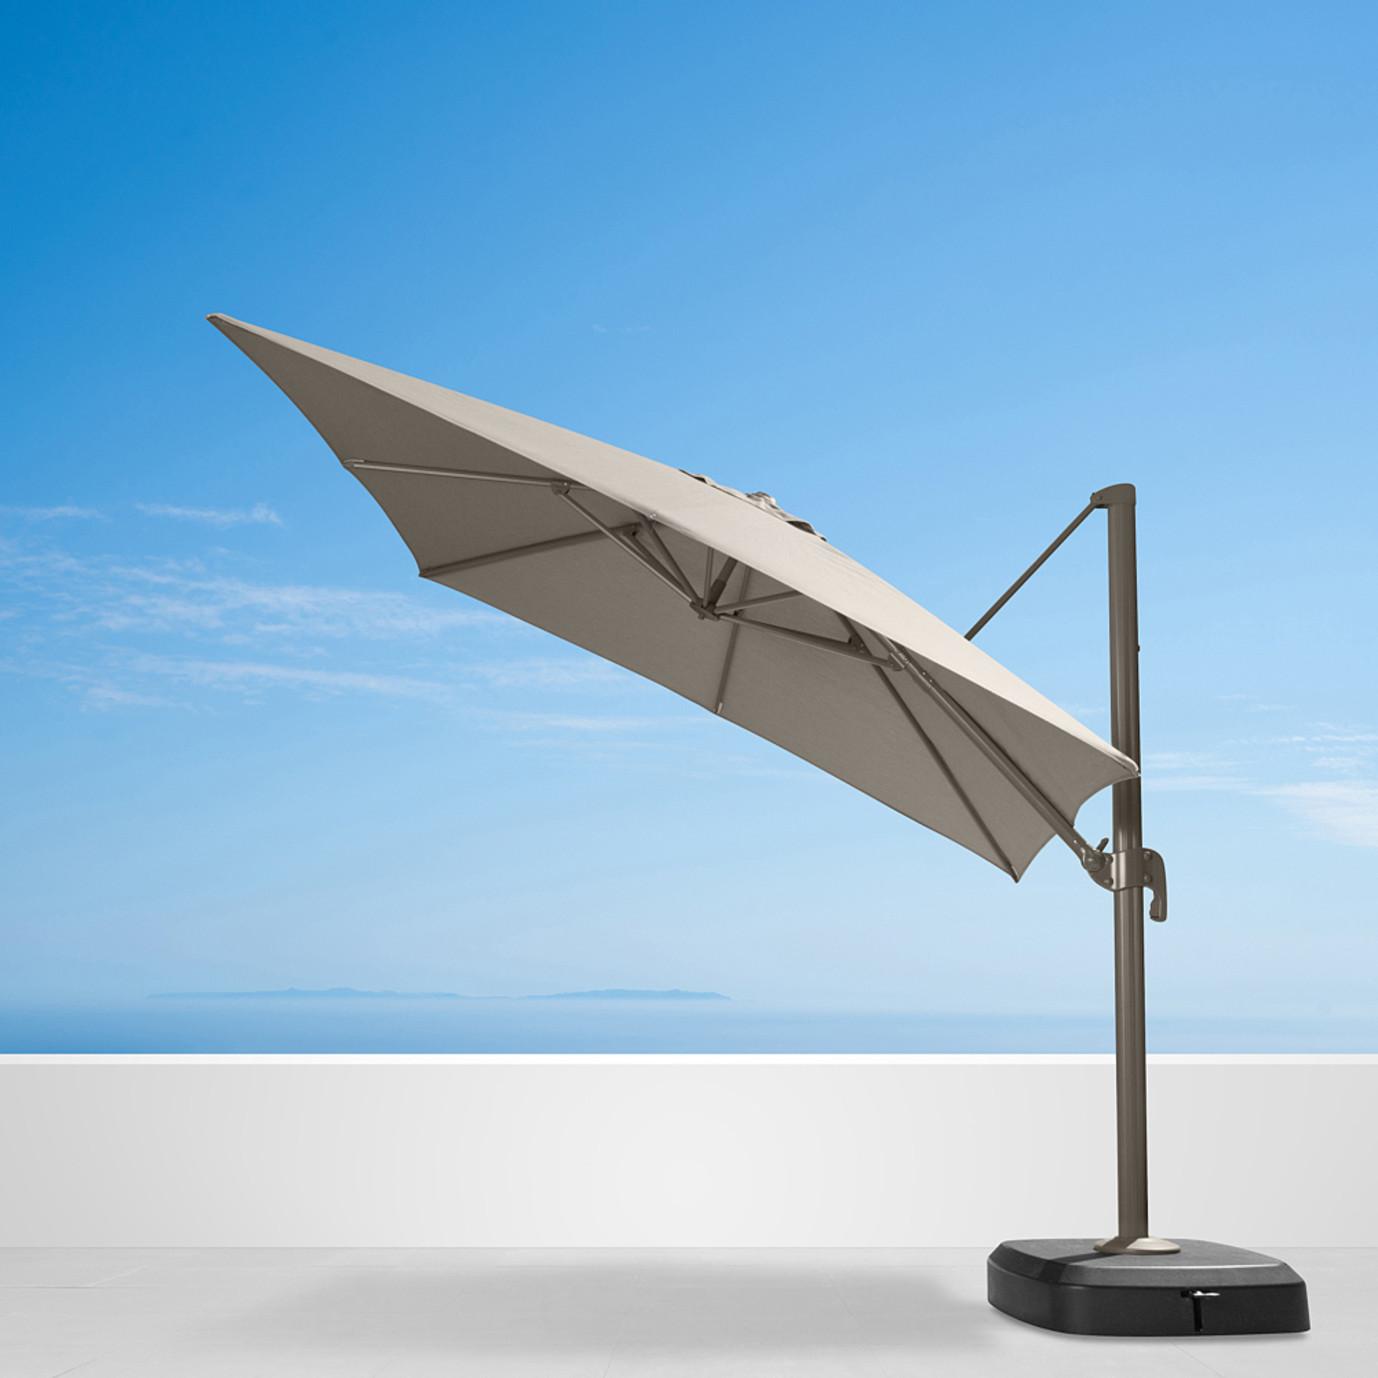 Portofino Comfort 10ft Resort Umbrella Espresso Taupe